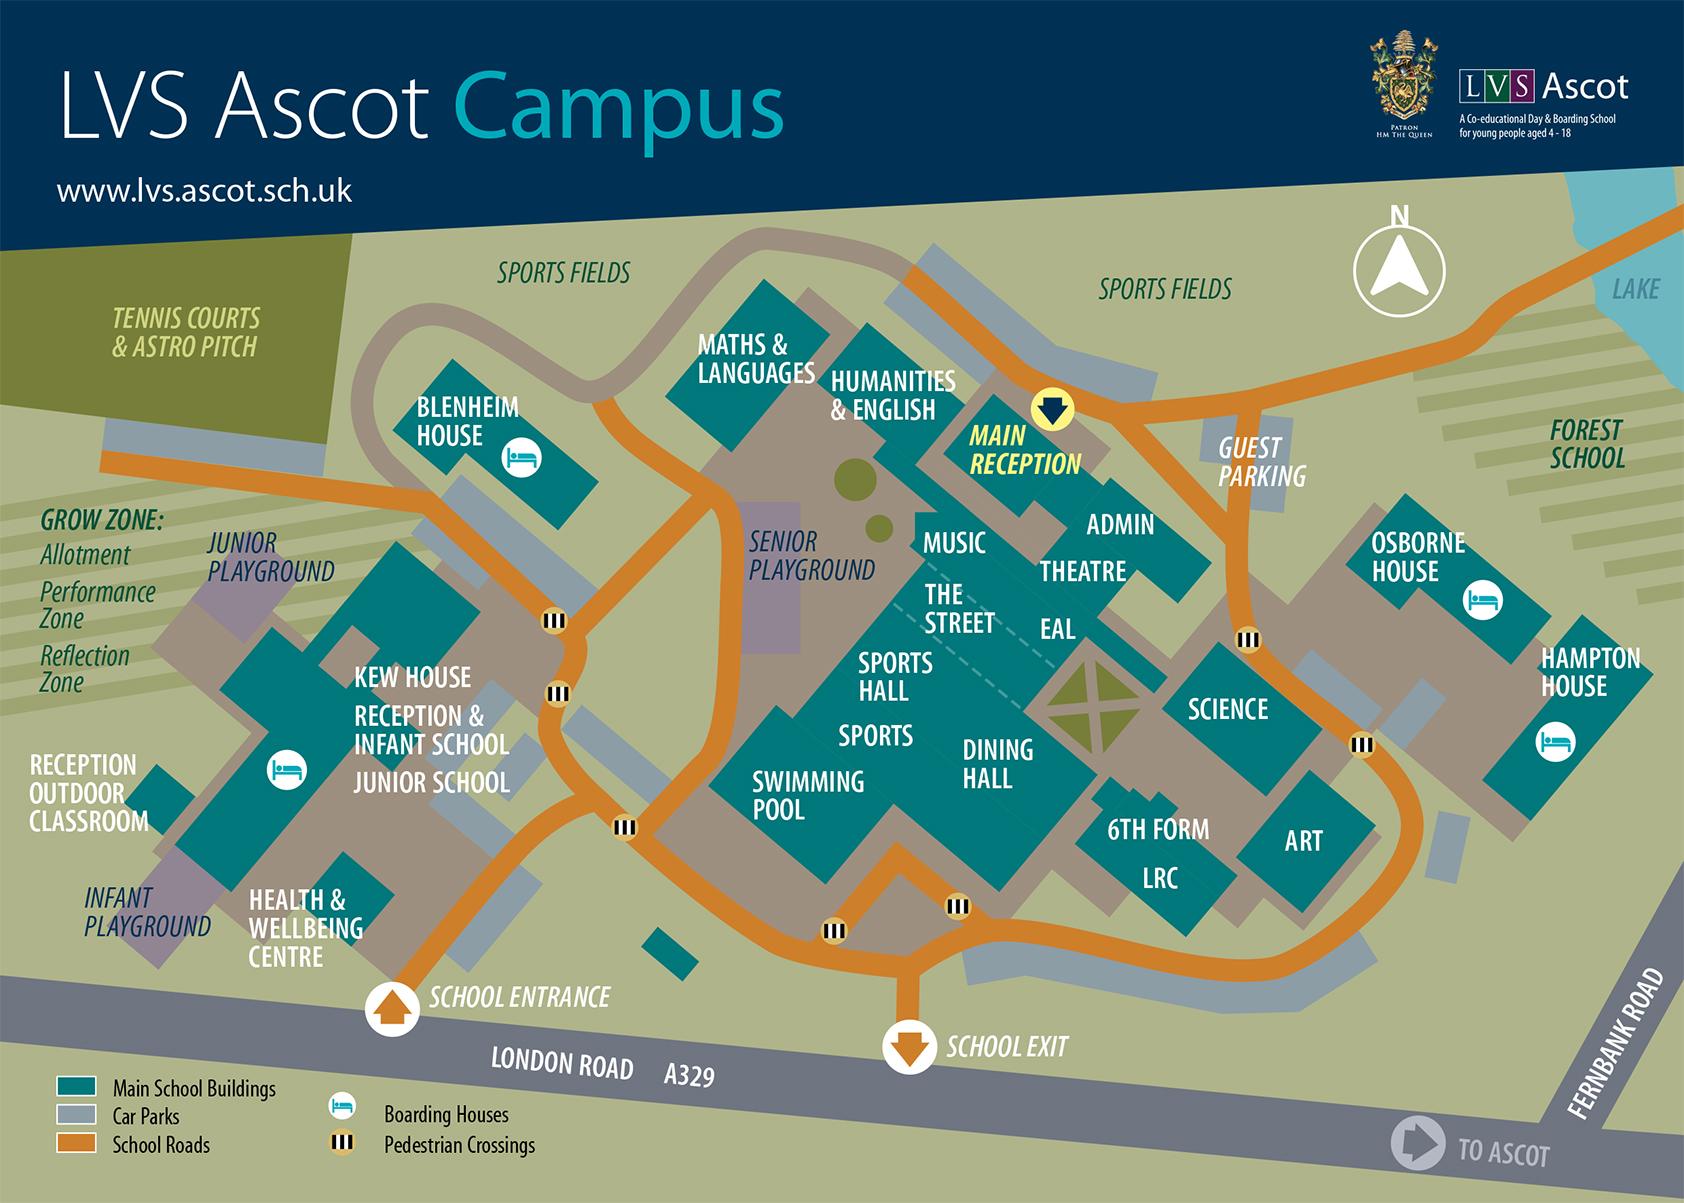 LVS Ascot Campus Map